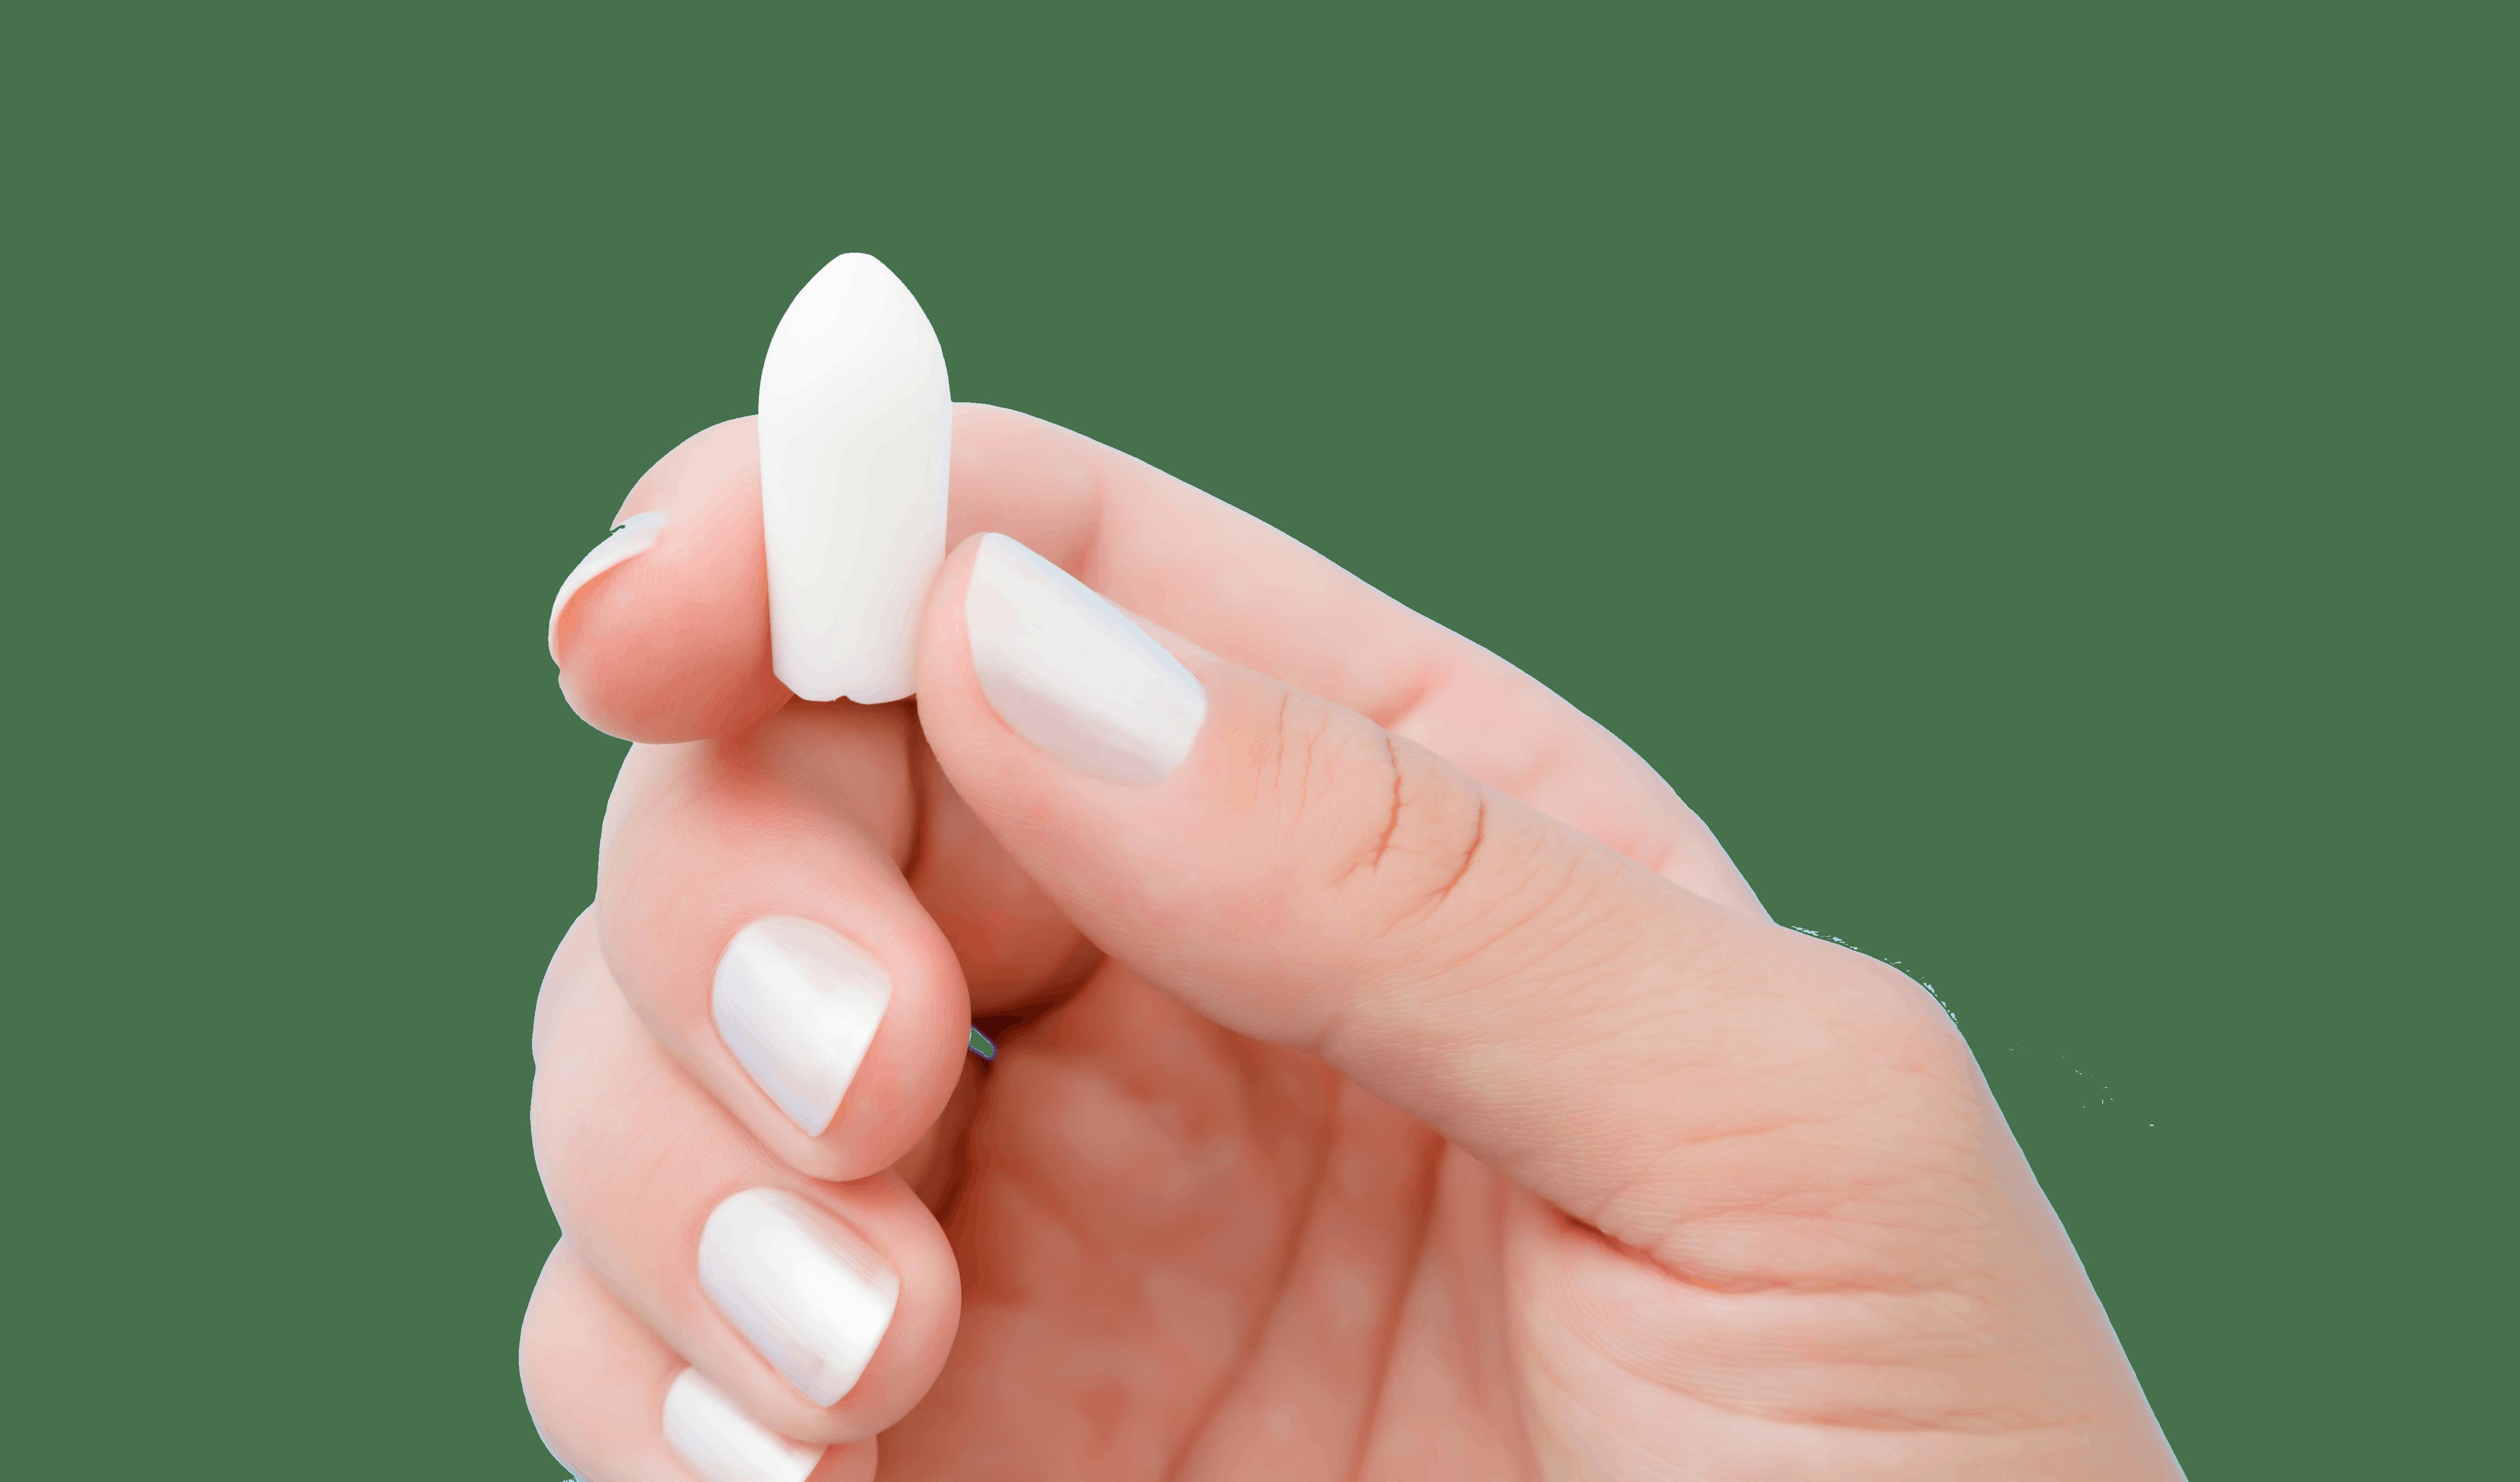 Svamp i underlivet - orsaker och behandling | Iform.se